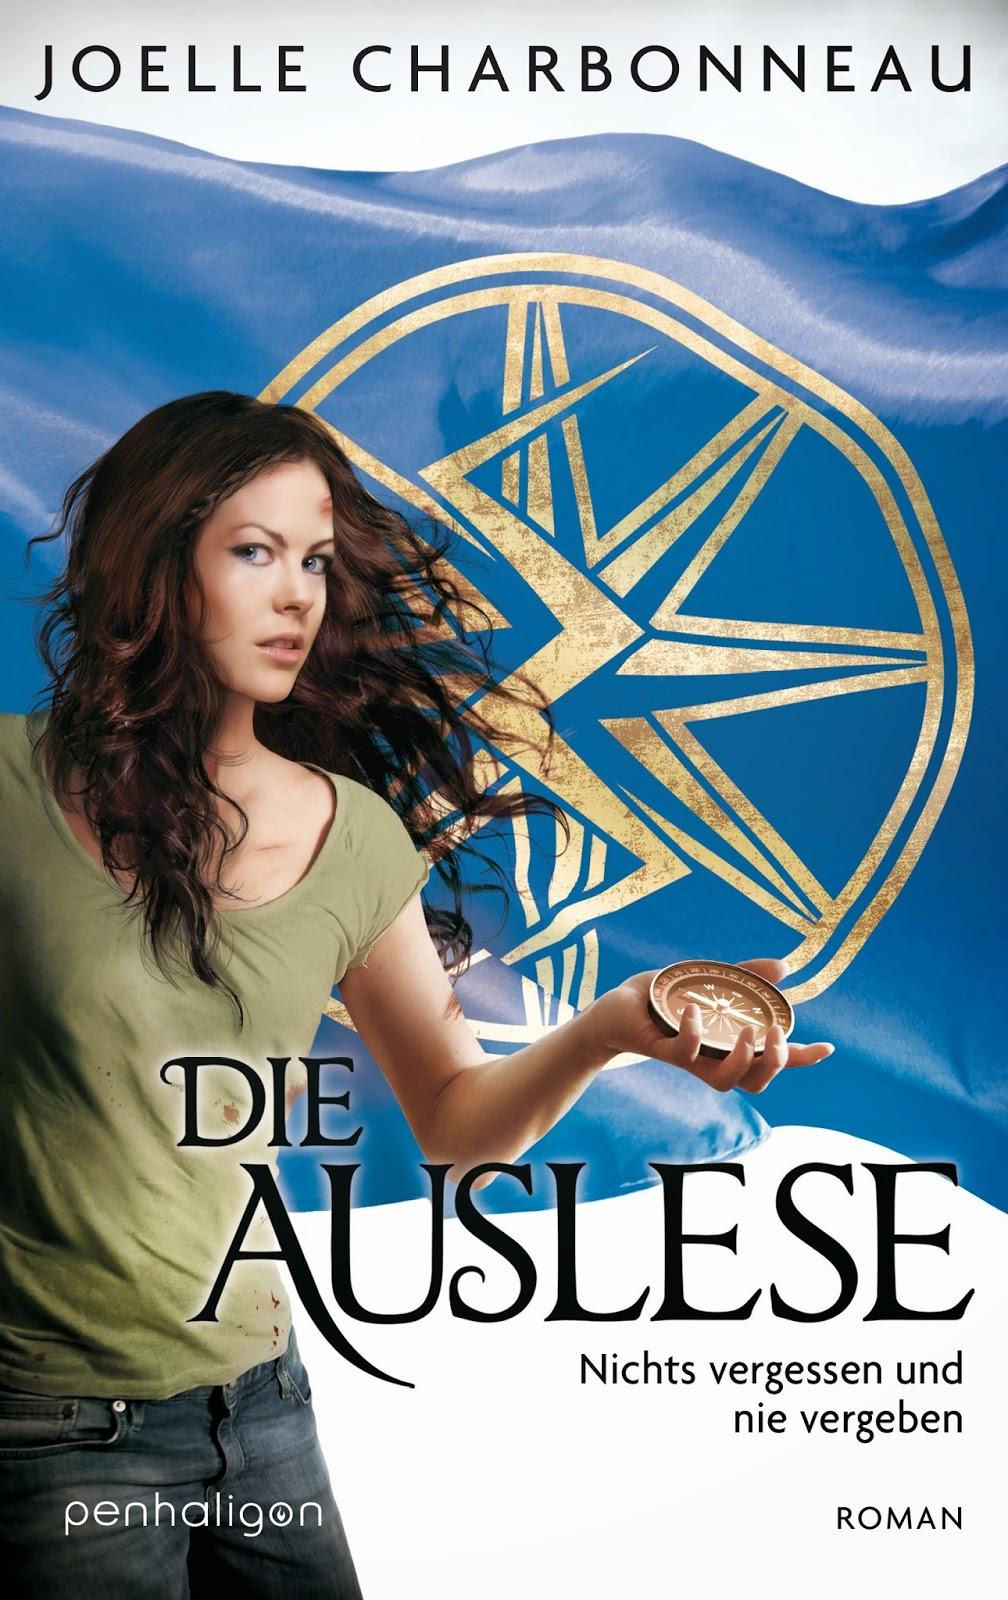 http://www.randomhouse.de/content/edition/covervoila_hires/Charbonneau_JDie_AusleseNichts_verges_149002.jpg